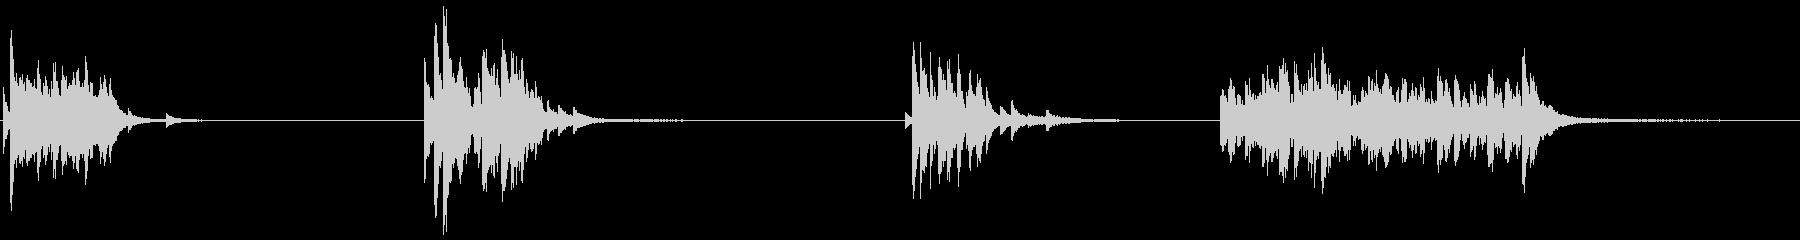 ドアベル、ストア、ショップ、リンギ...の未再生の波形